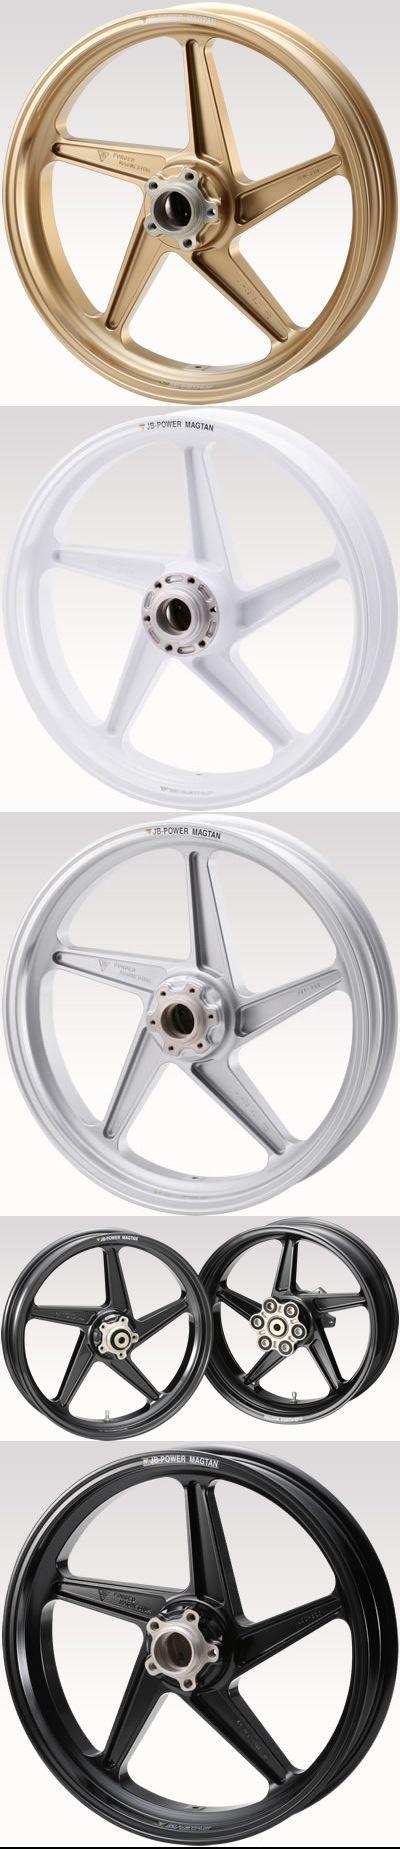 鎂合金鍛造輪框「MAGTAN」 JB2